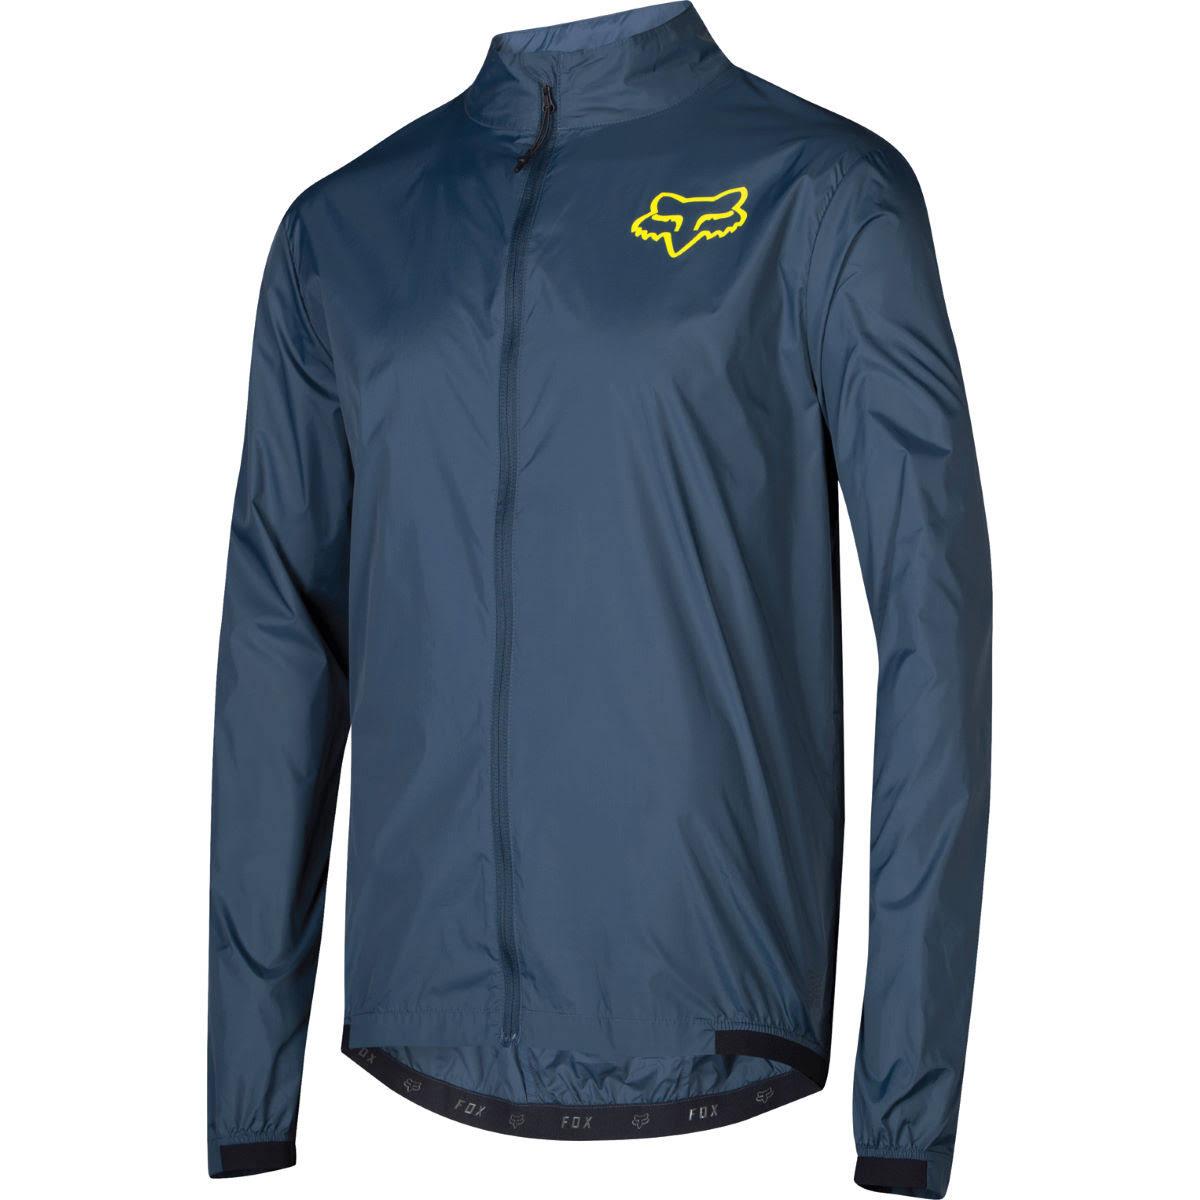 Racing Jacket Fox Wind Attack Medianoche Azul Bike s RqqwUt4d